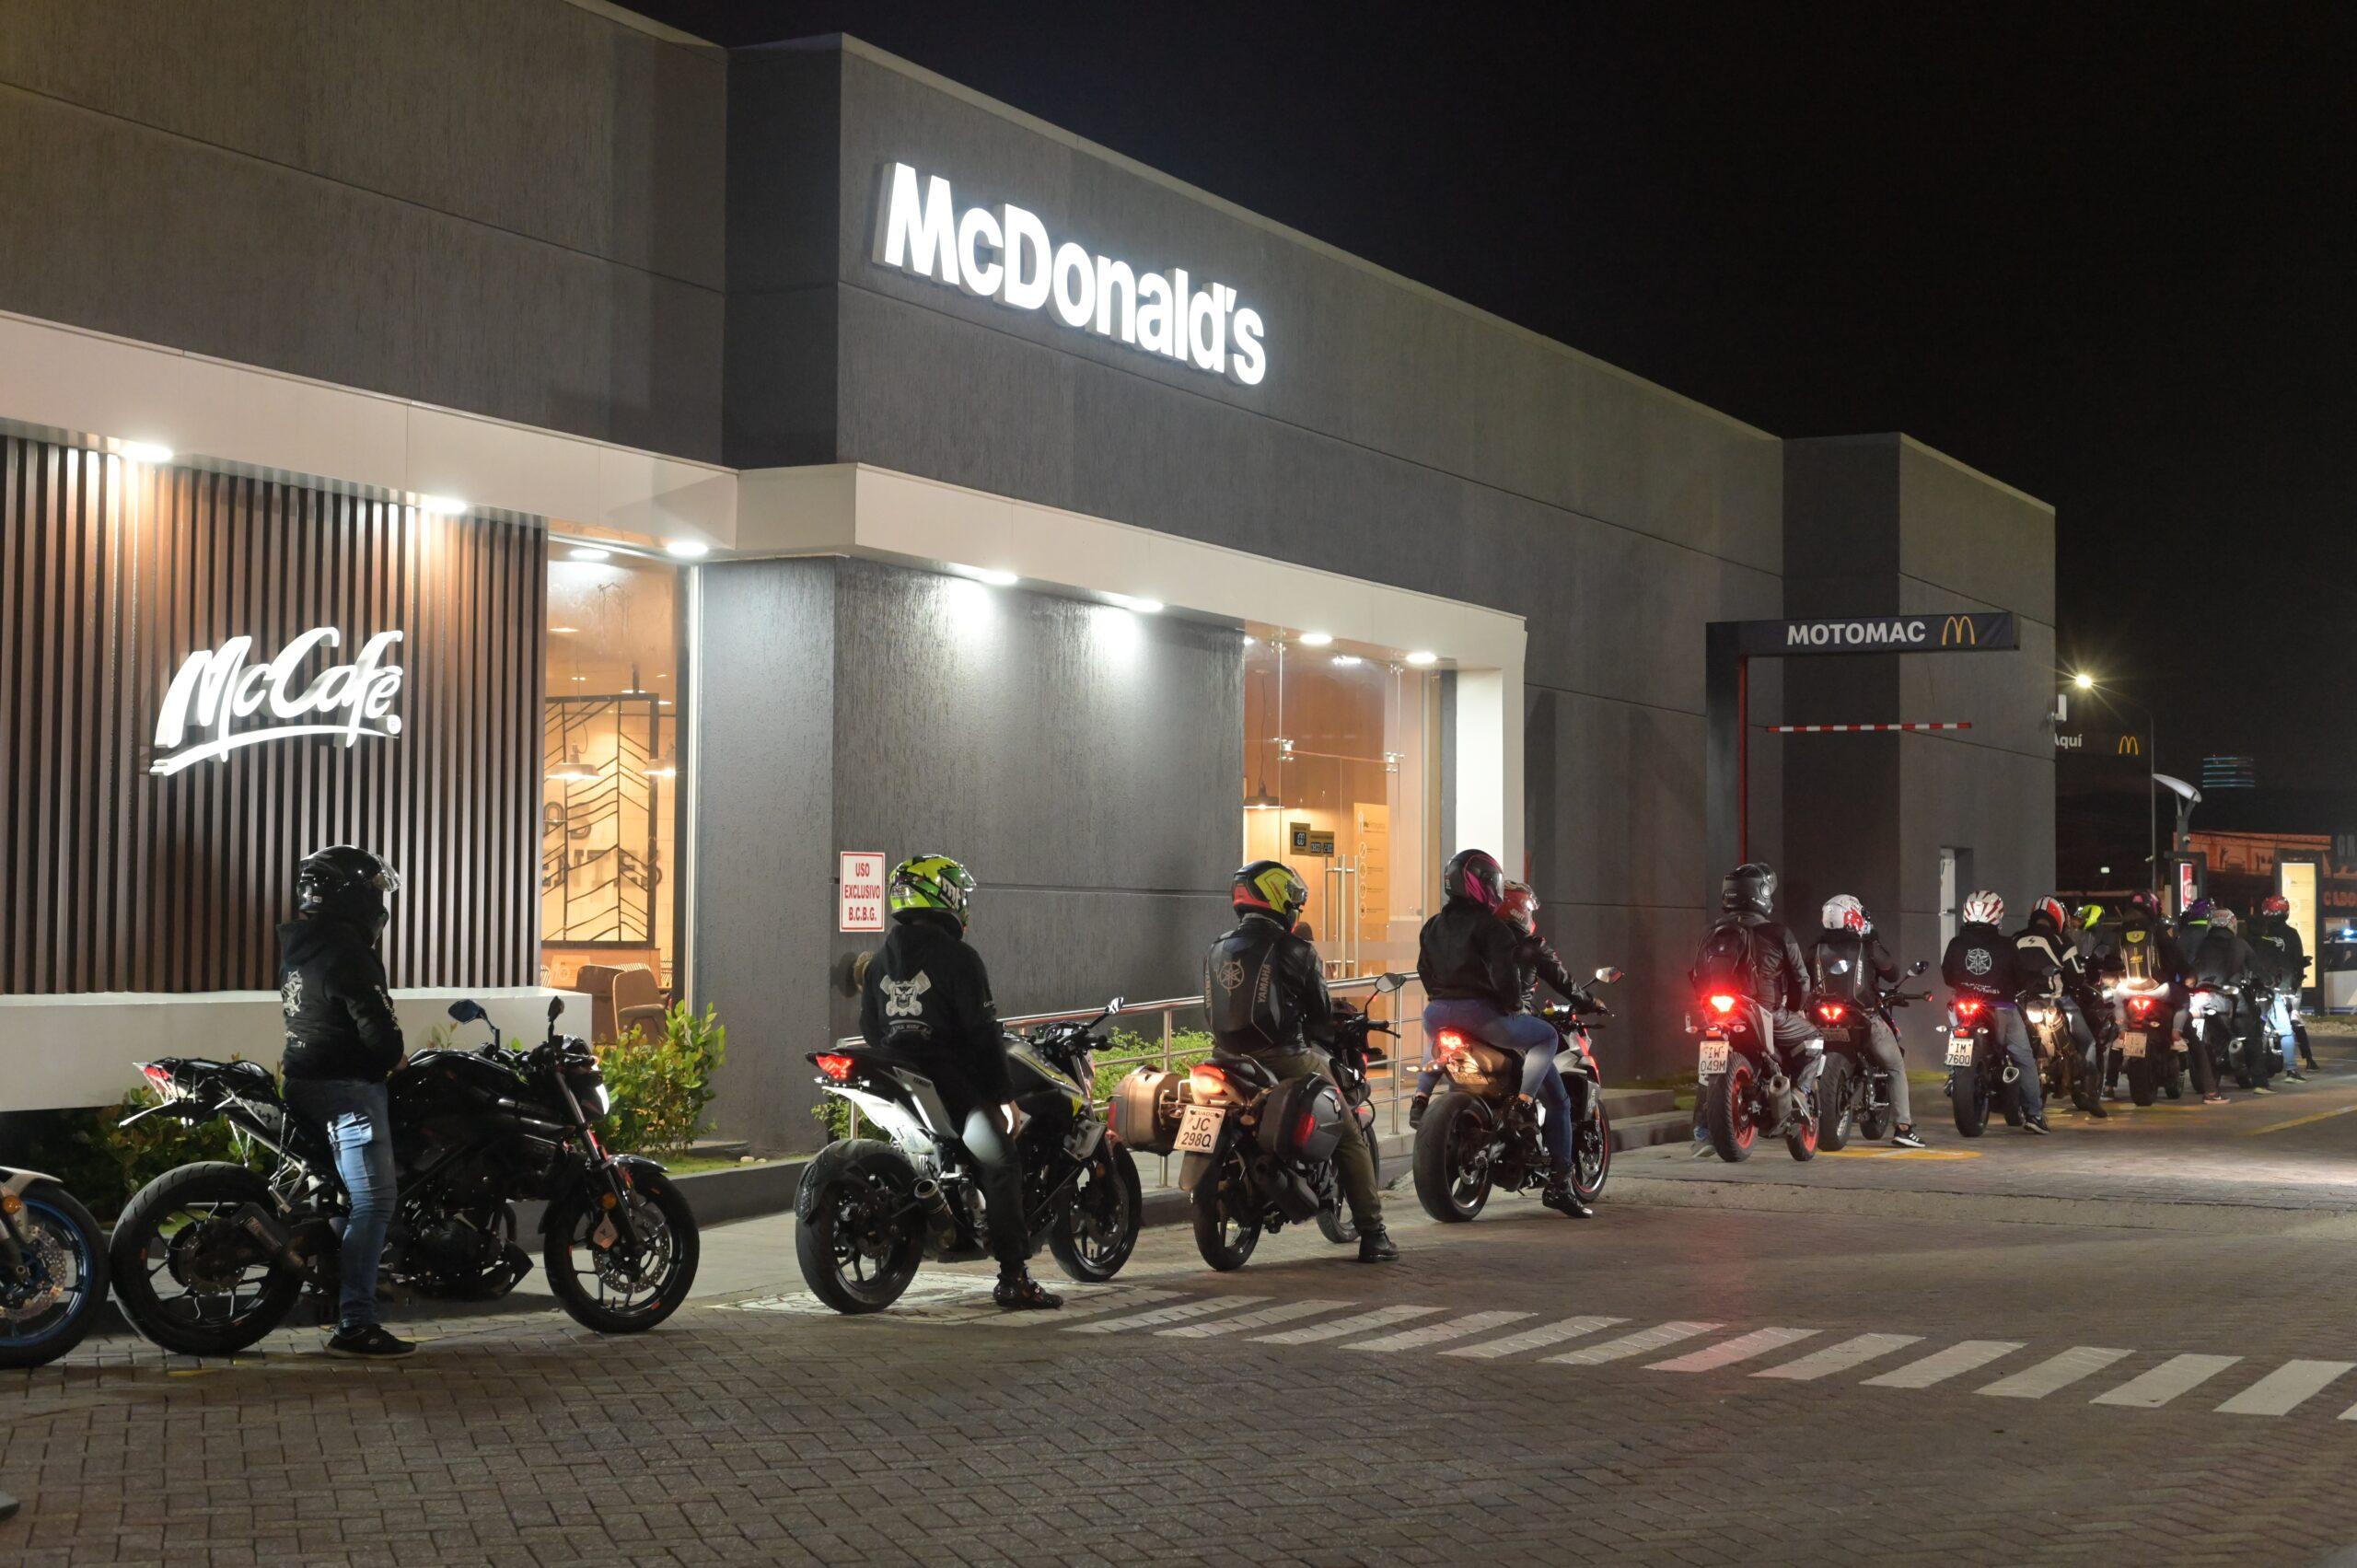 [Ecuador] McDonald's se adapta a las nuevas formas de movilidad y transforma su tradicional Automac